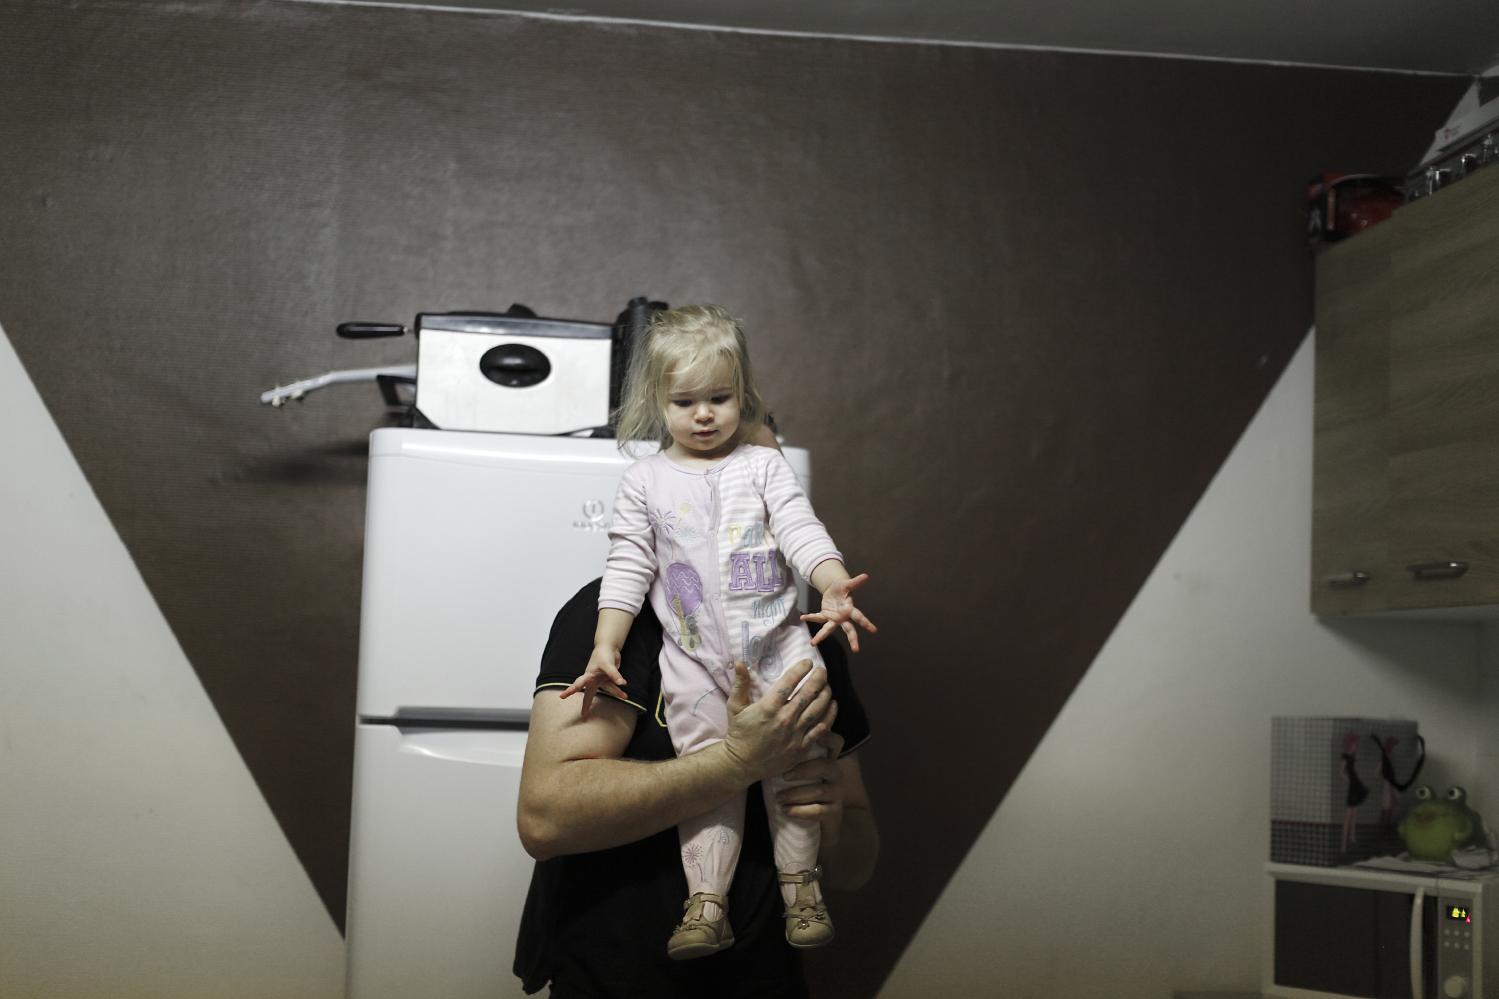 Leyna dans les bras de son père Steven. Bien qu'ils soient séparés, Steven voit régulièrement ses enfants. Fourmies, France.